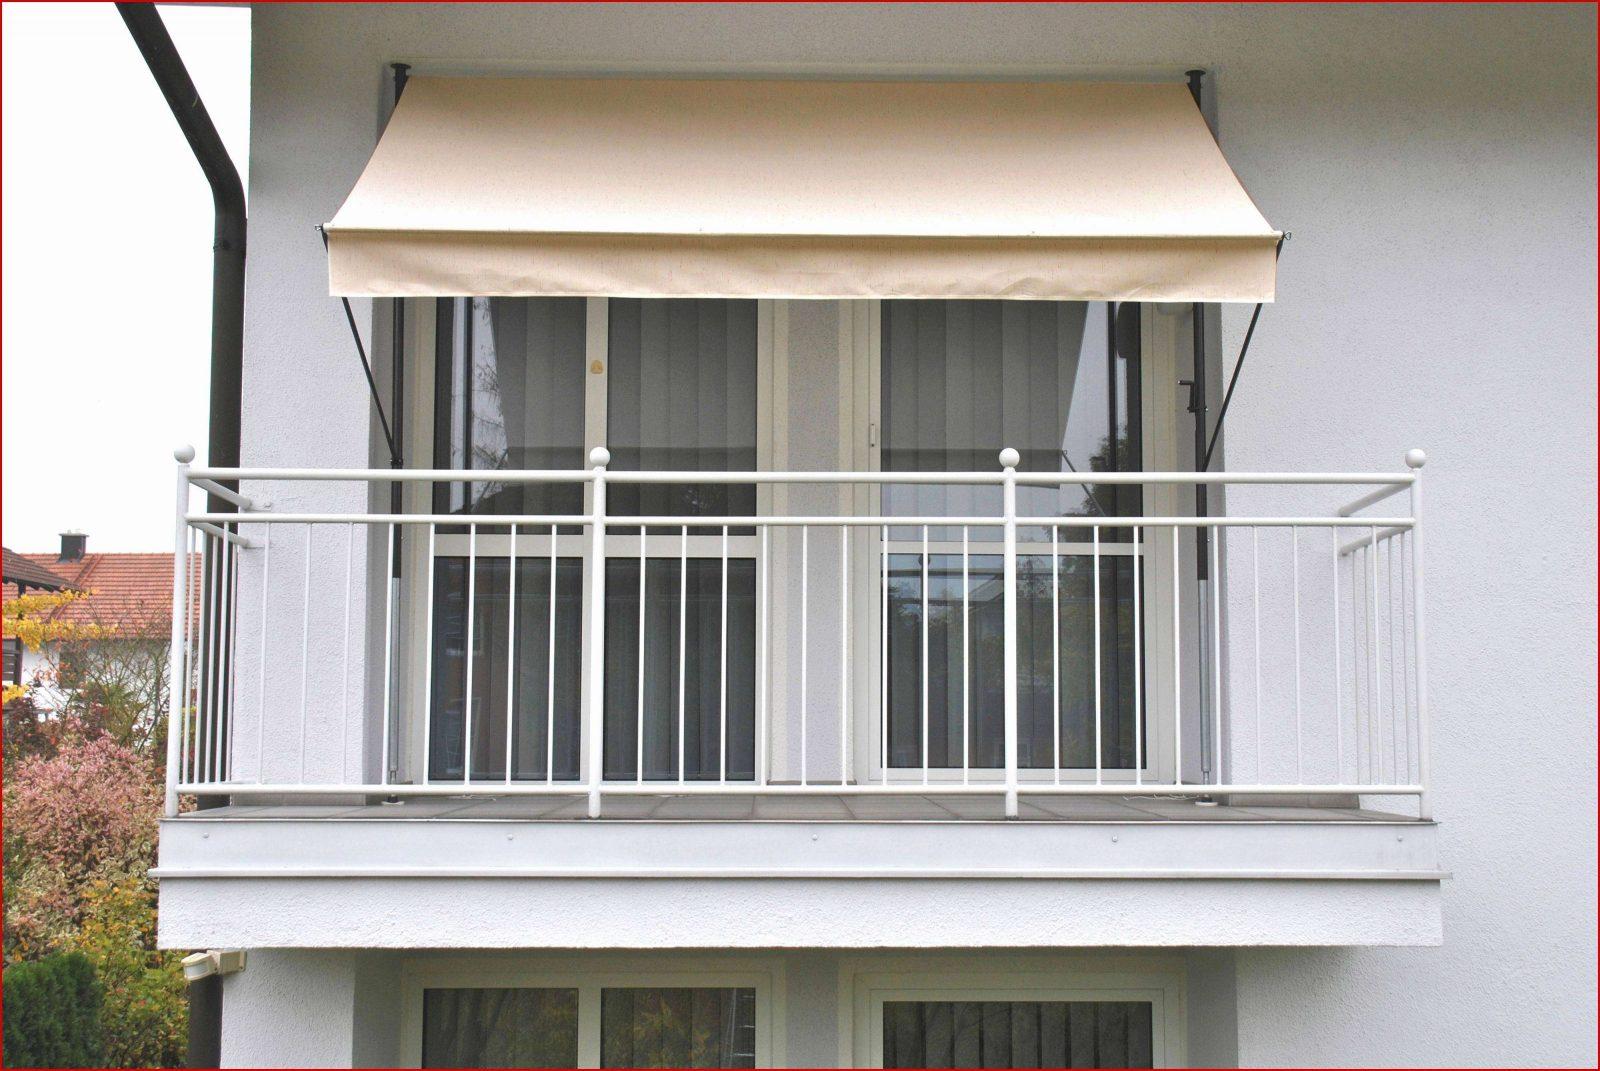 42 Kollektion Balkon Sichtschutz Ohne Bohren Stock  Komplette Ideen von Balkon Sichtschutz Seite Ohne Bohren Bild